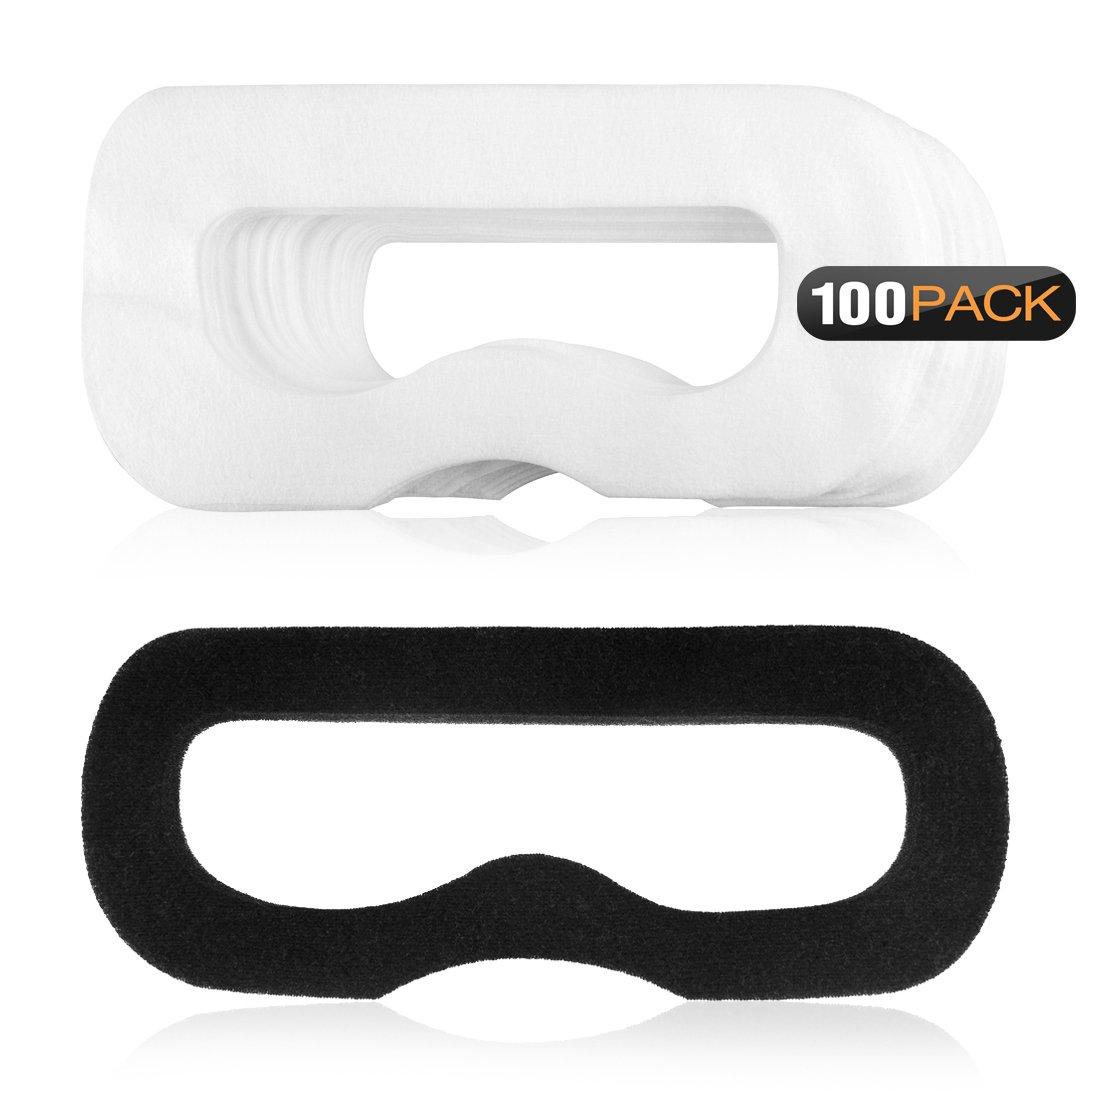 Geekria 100pcs jetables visage Capot Masque avec 1pcs et clés Magic pour HTC Vive la réalité virtuelle/blanc Masque pour les yeux pour Playstation VR/doux et respirant Tissu non tissé pour casque VR